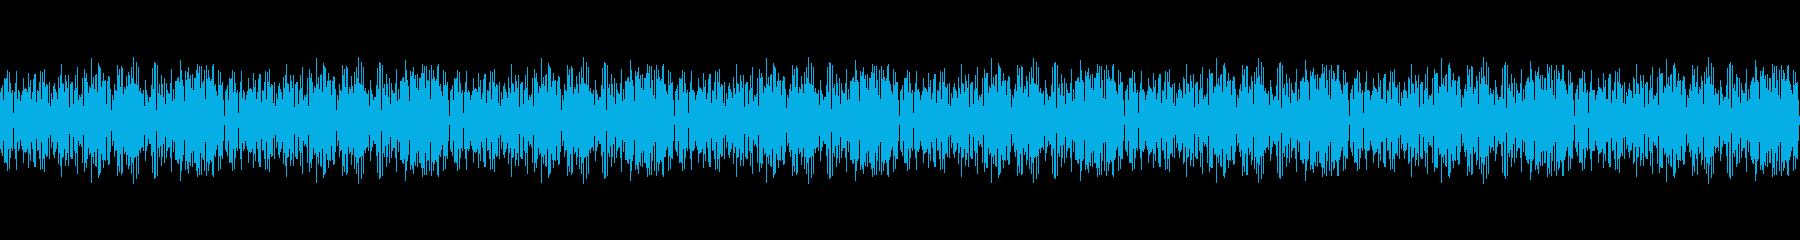 のんびりとした雰囲気のピアノ曲 ループ版の再生済みの波形